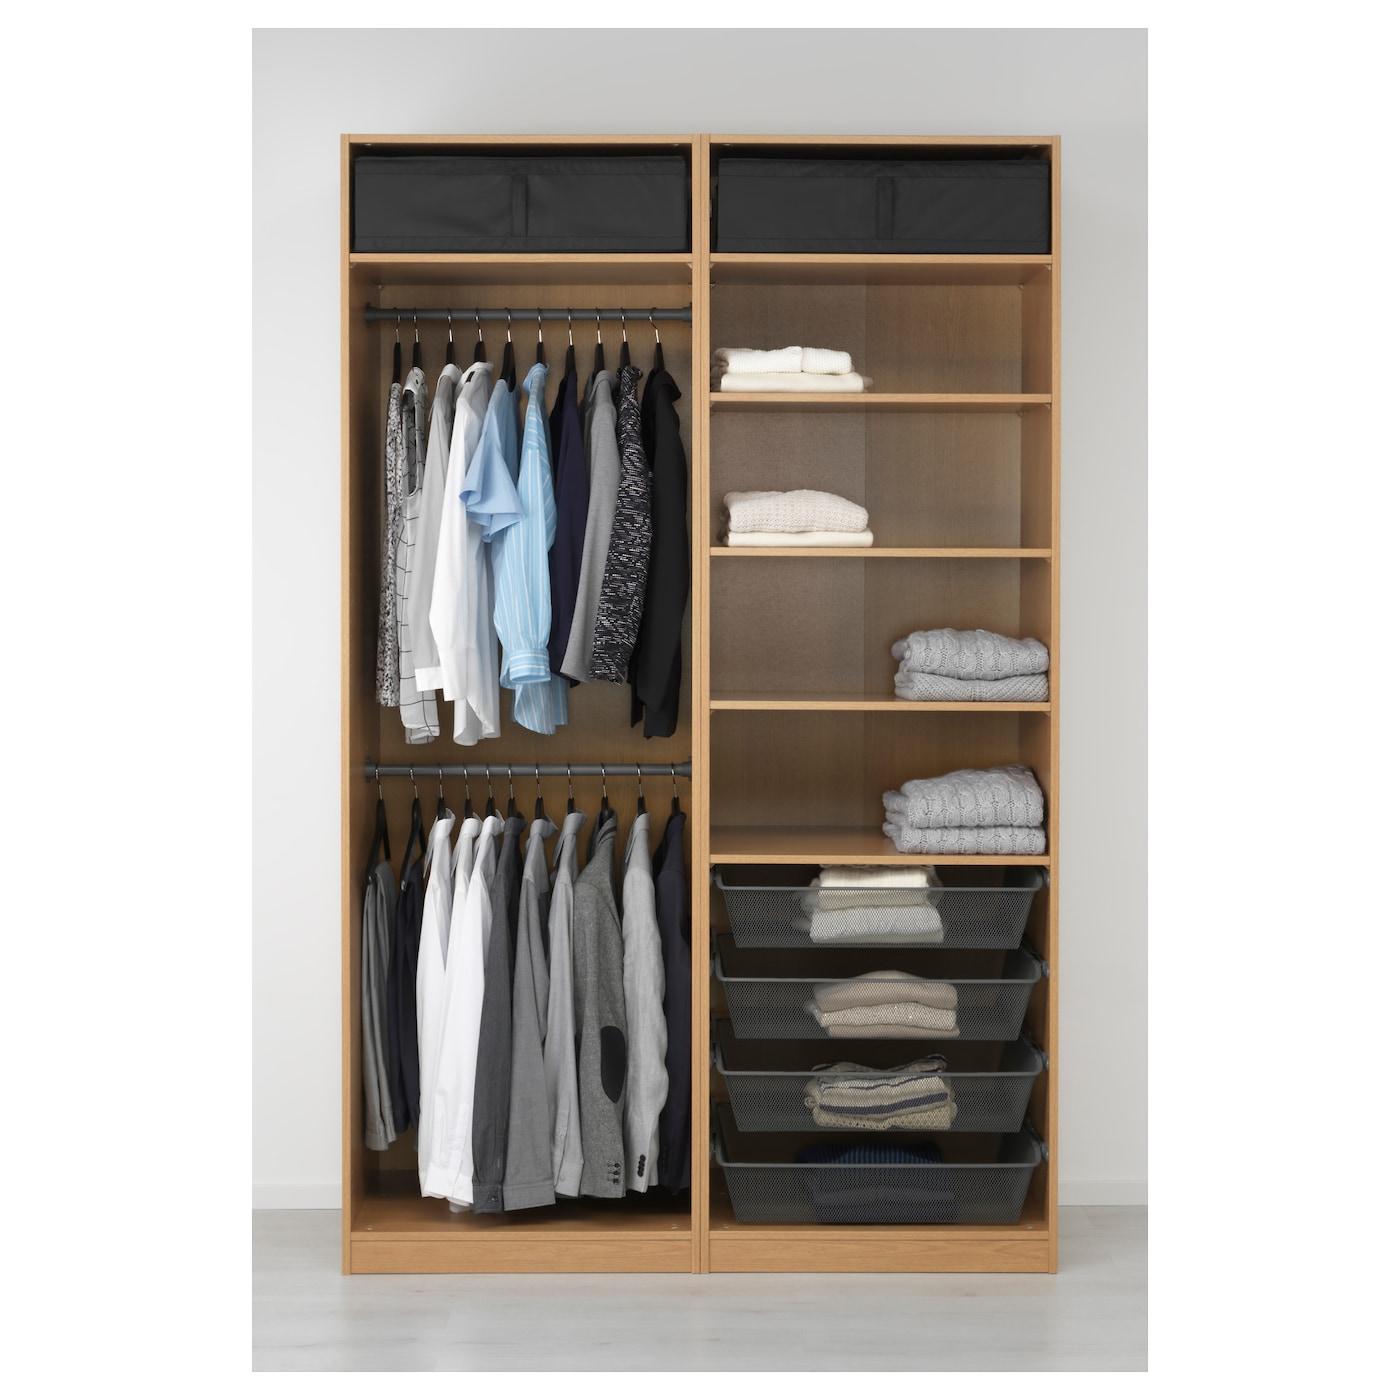 Pax wardrobe oak effect ilseng oak veneer 150x66x236 cm ikea for Ikea wardrobes pax